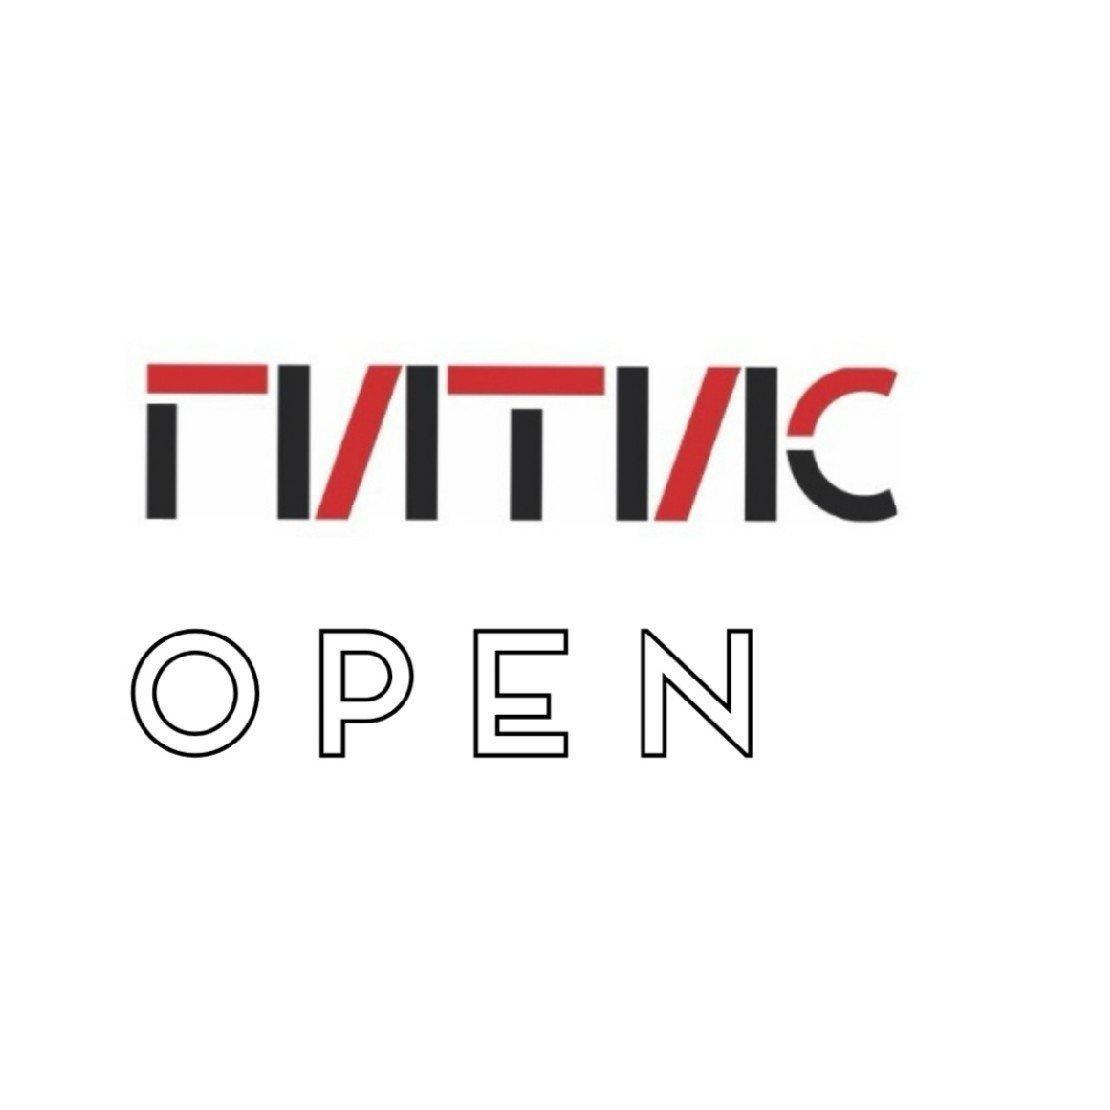 фотография Курсов актёрского мастерства и телерадиоведущих ГИТИС OPEN